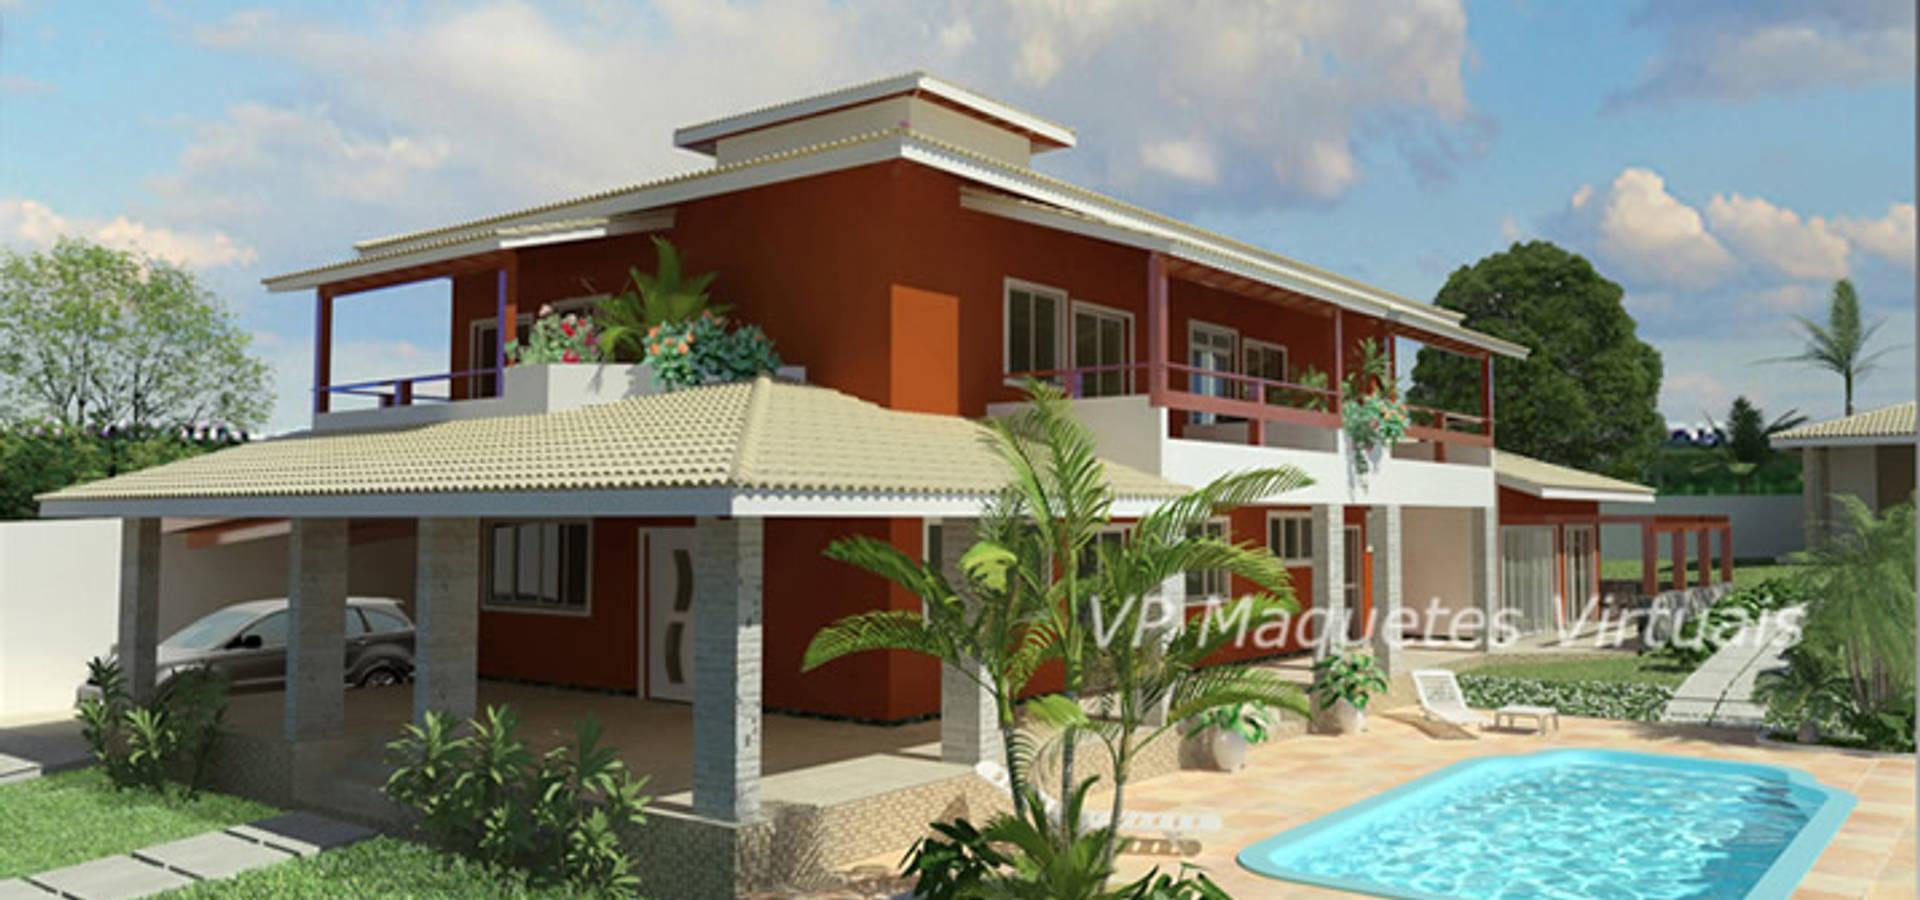 Casa container salvador ba de vparques arquitetura e for Homify casas